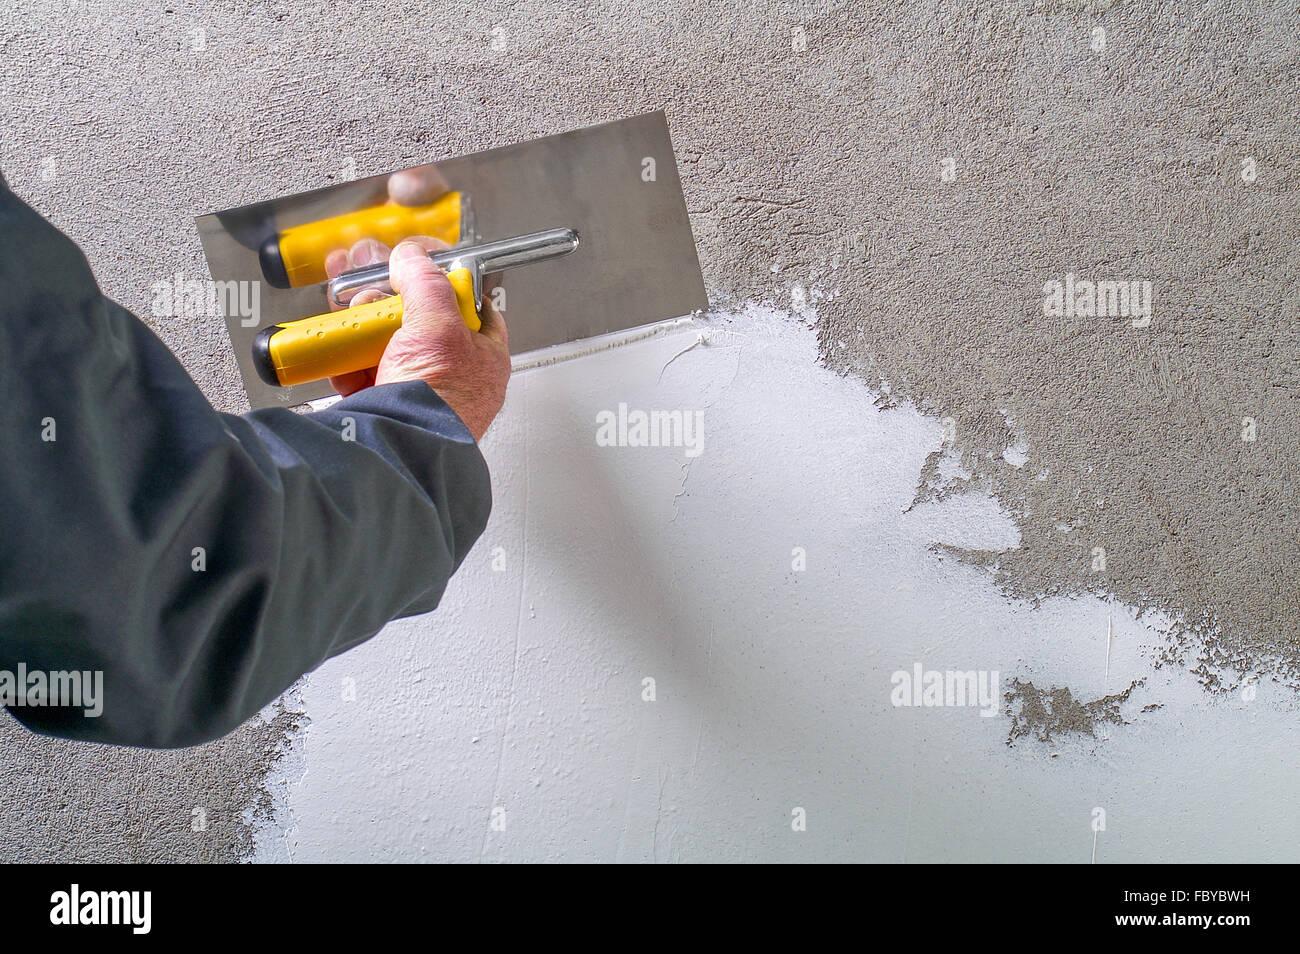 Betonwand Verputzen bau arbeiter verputzen und glätten betonwand mit weißem zement